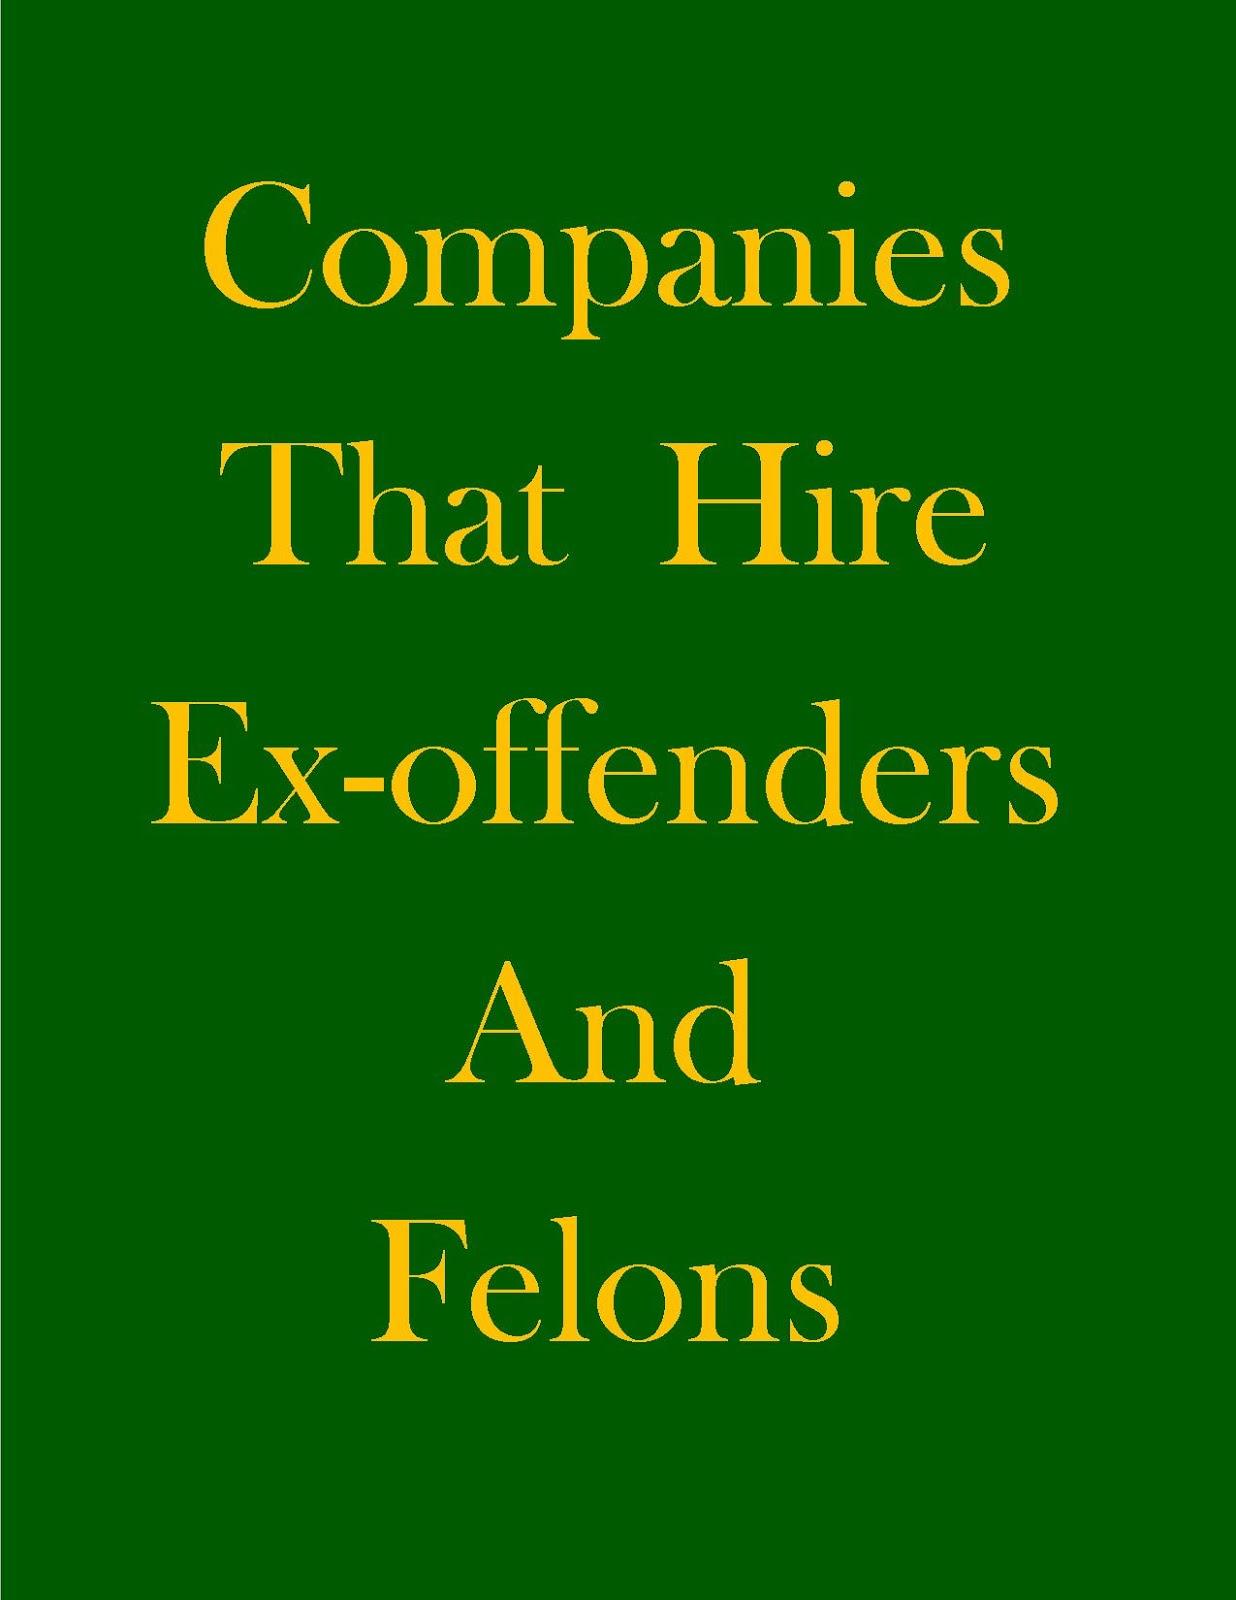 Jobs For Felons In Georgia - Companies - Help For Felons